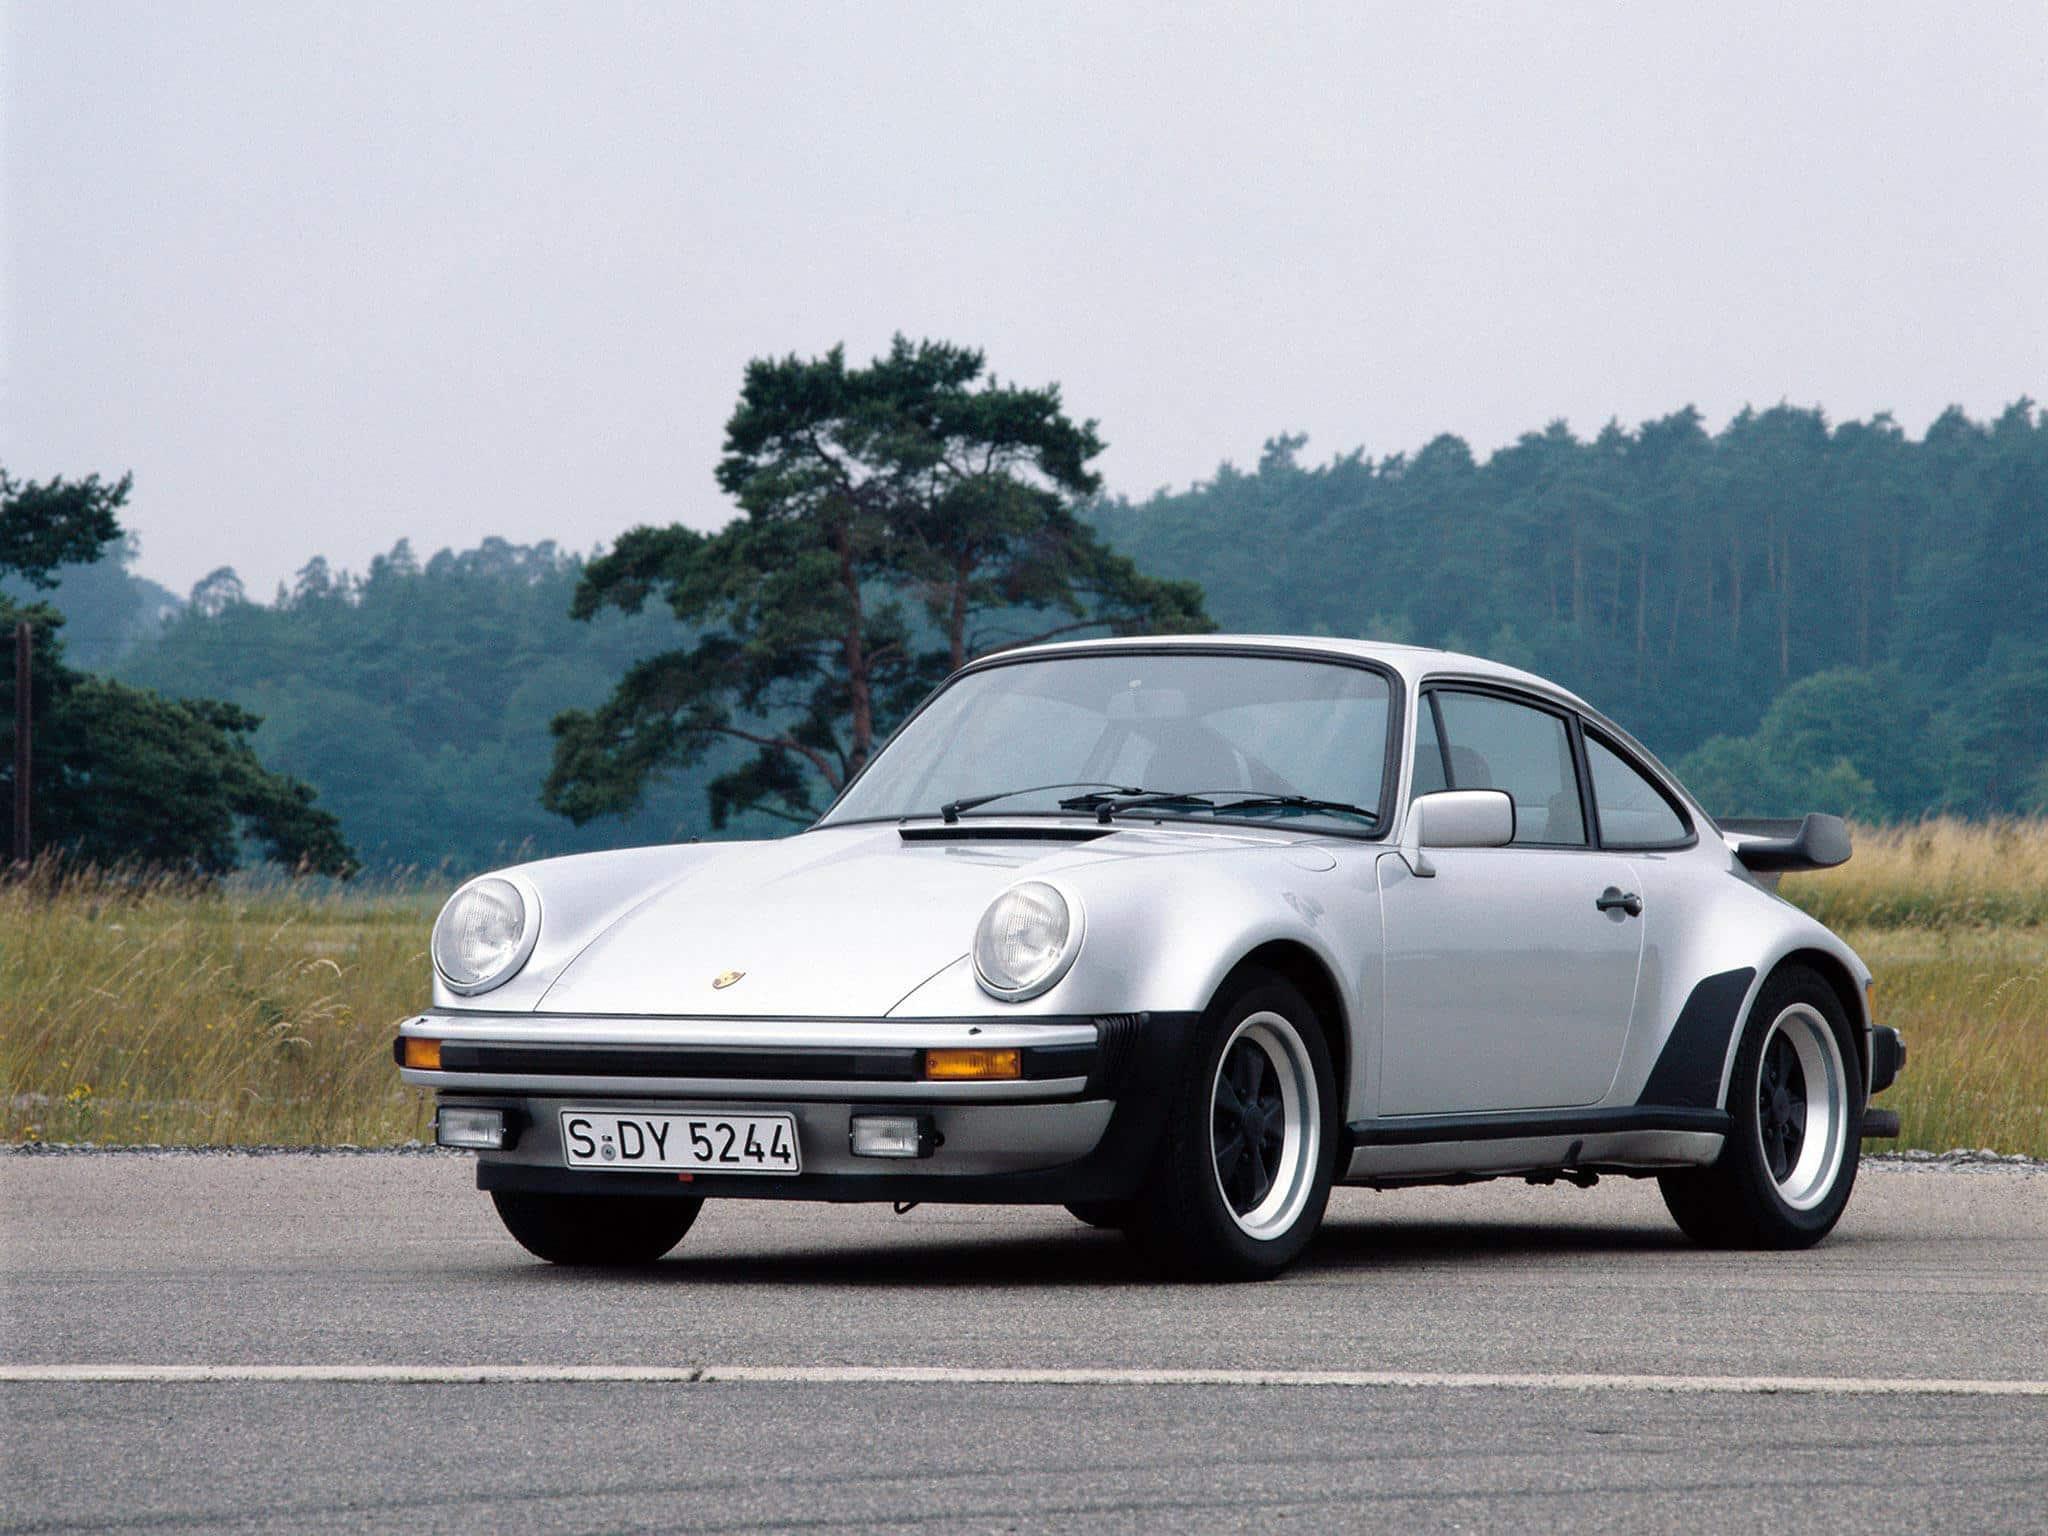 """Résultat de recherche d'images pour """"porsche 911 turbo 1980"""""""